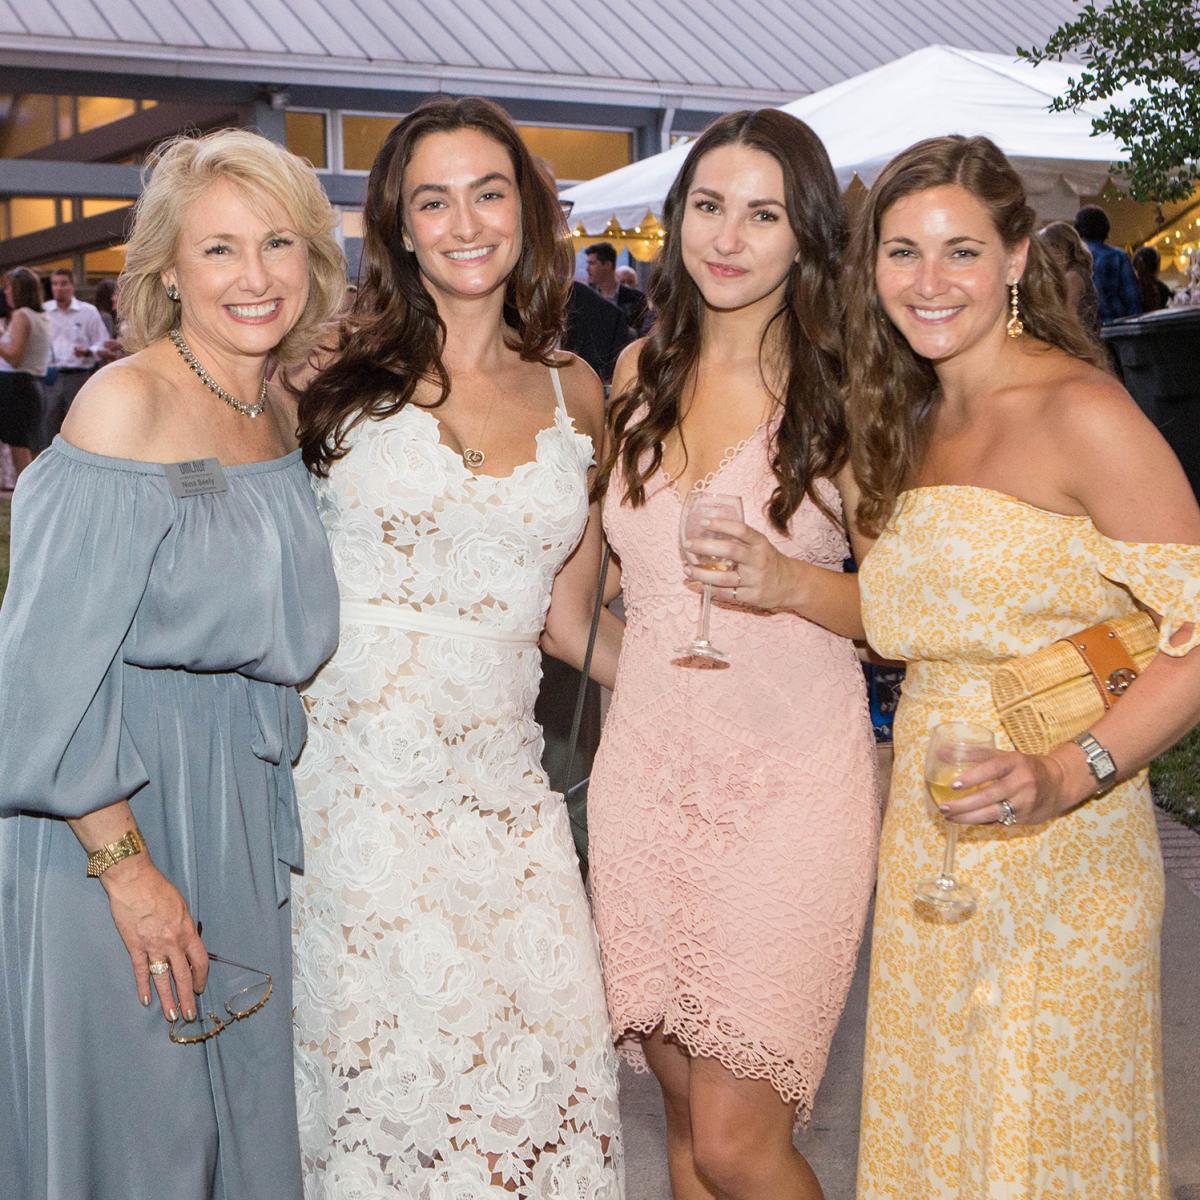 Umlauf Garden Party 2017 Nina Seely Stephanie Condon Caitlin Swain Kristin Fannin